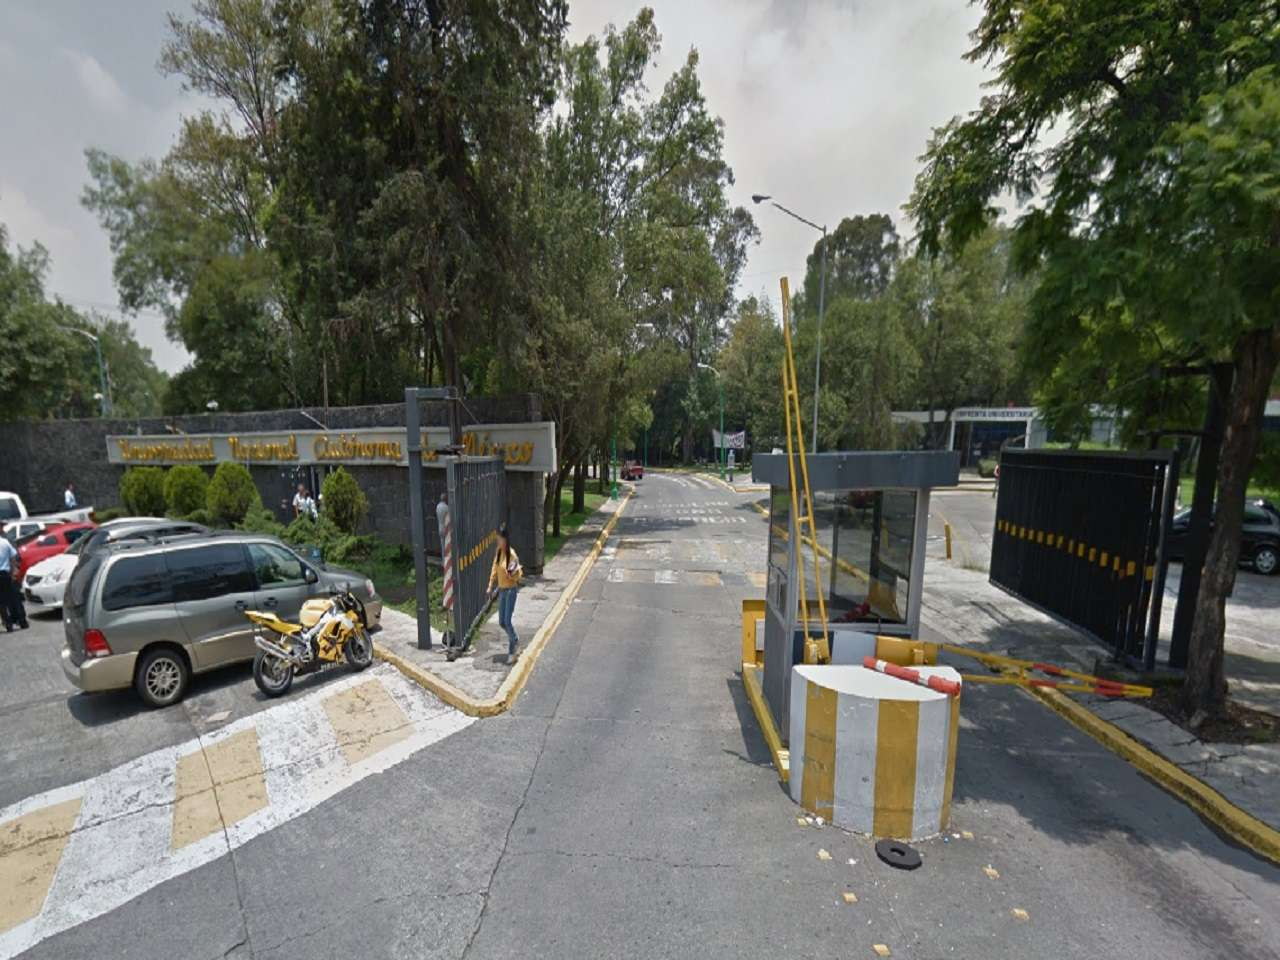 Al menos dos explosiones de bombas molotov y detonaciones de arma de fuego se registraron esta noche en la entrada a CU, sobre Avenida Universidad y el Eje 10 Sur, sin que se reporten heridos. Foto: Google Maps